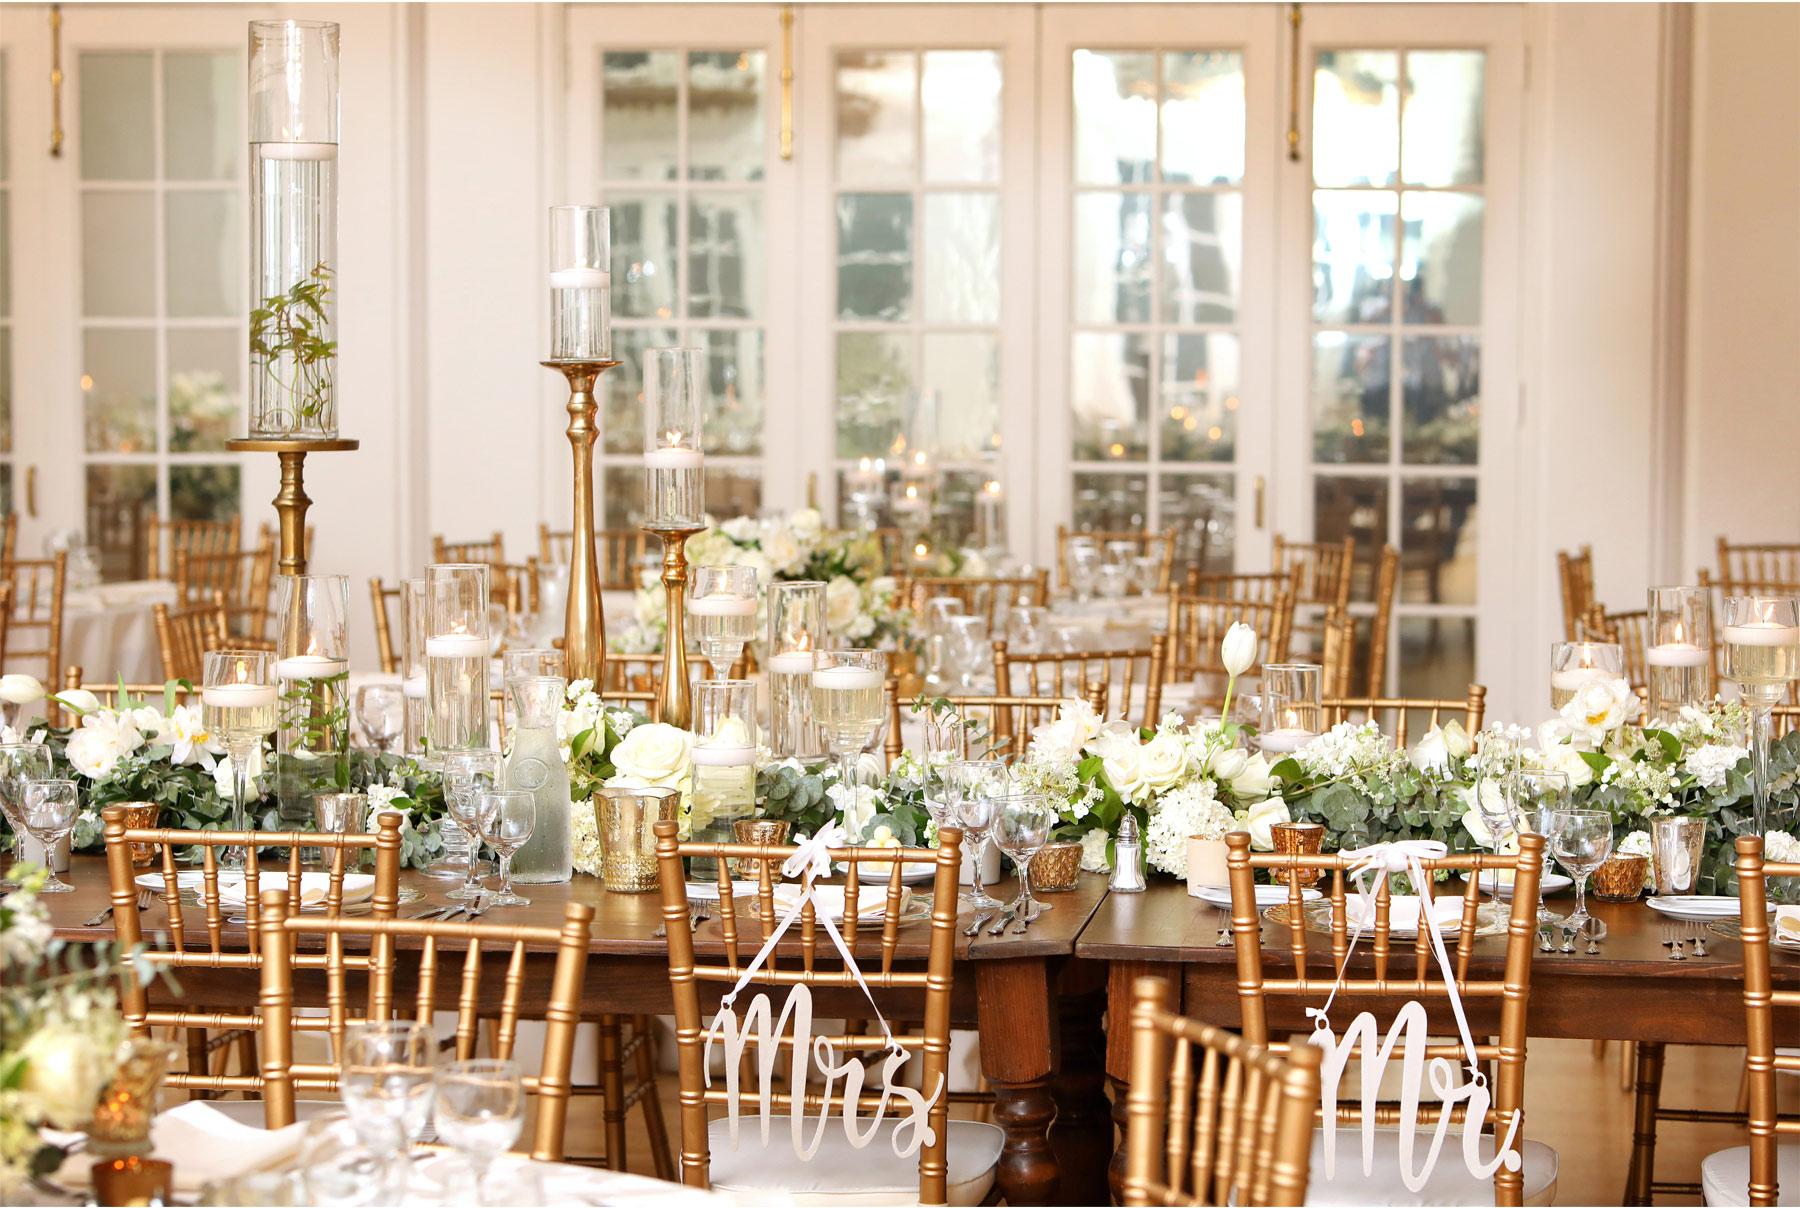 18-Minnetonka-Minnesota-Wedding-Photography-by-Vick-Photography-Lafayette-Club-Reception-Decor-Jennifer-and-Adam.jpg